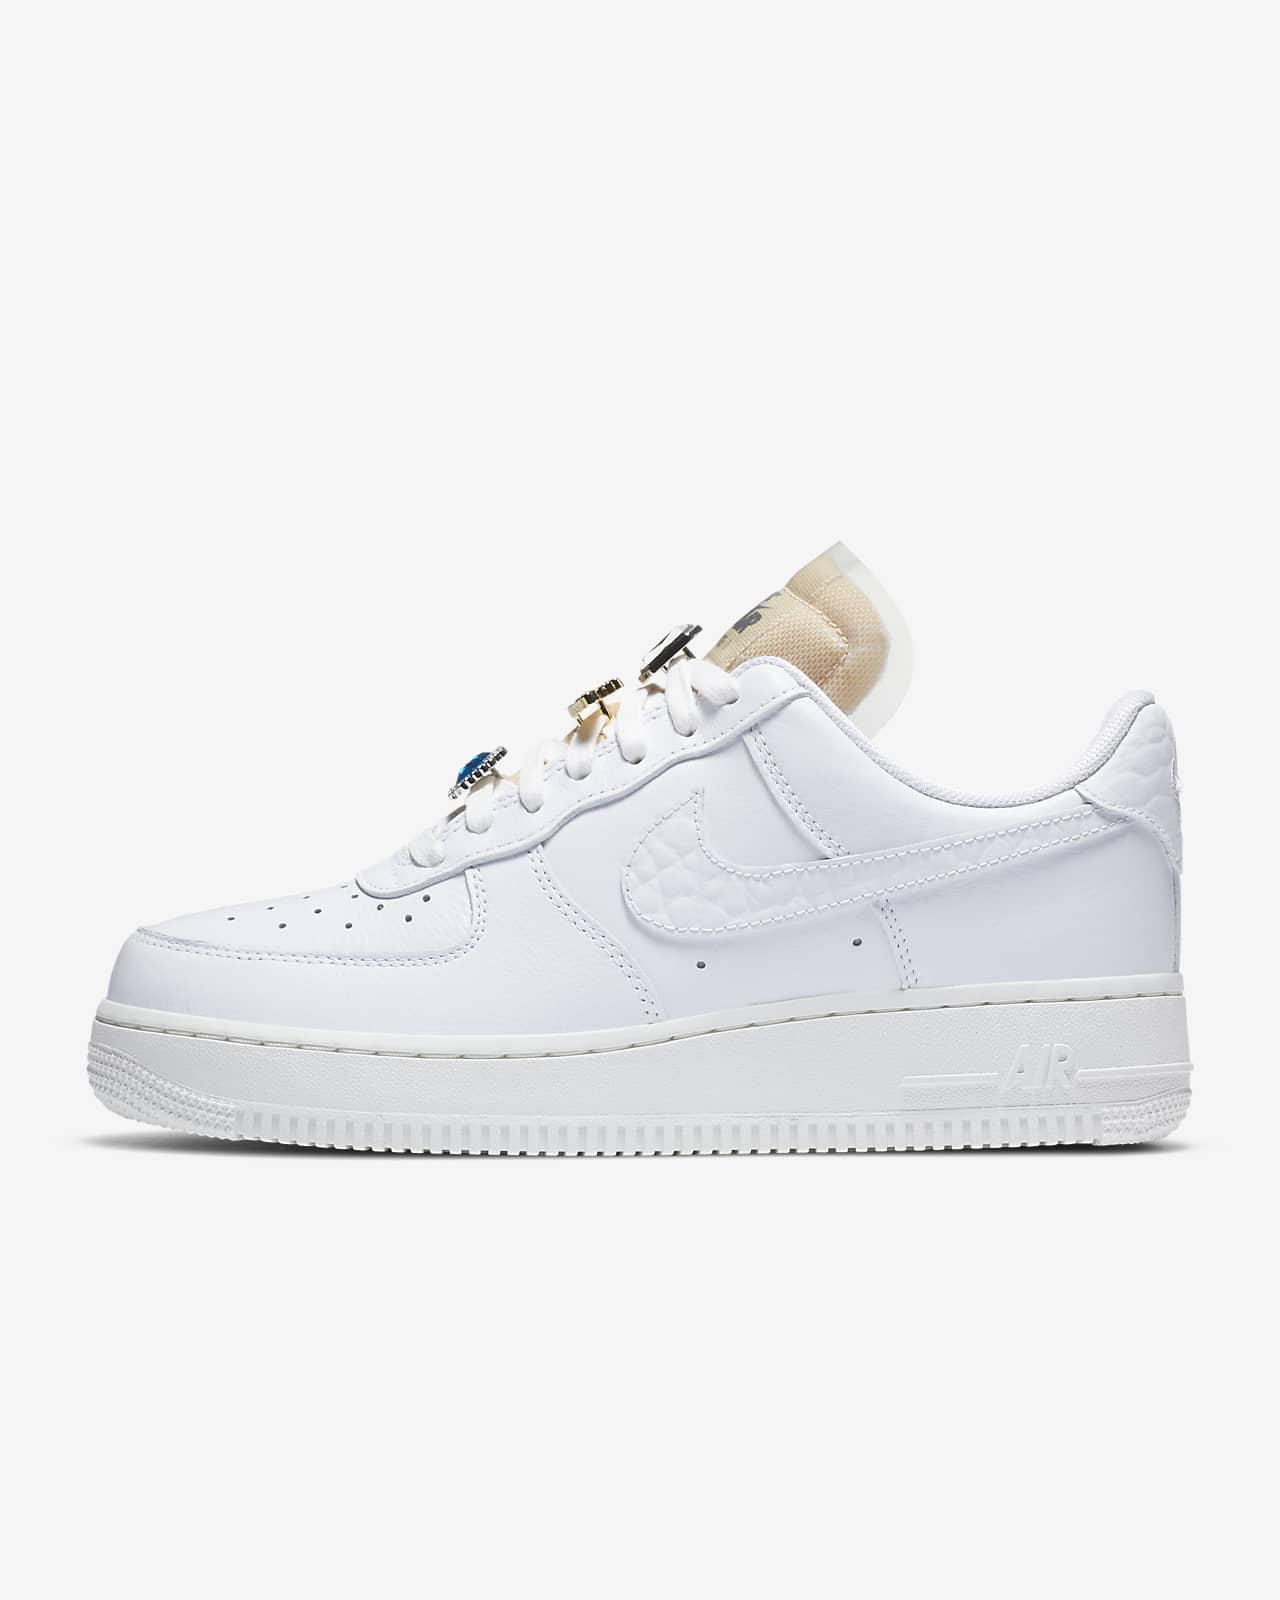 รองเท้าผู้หญิง Nike Air Force 1 '07 LX